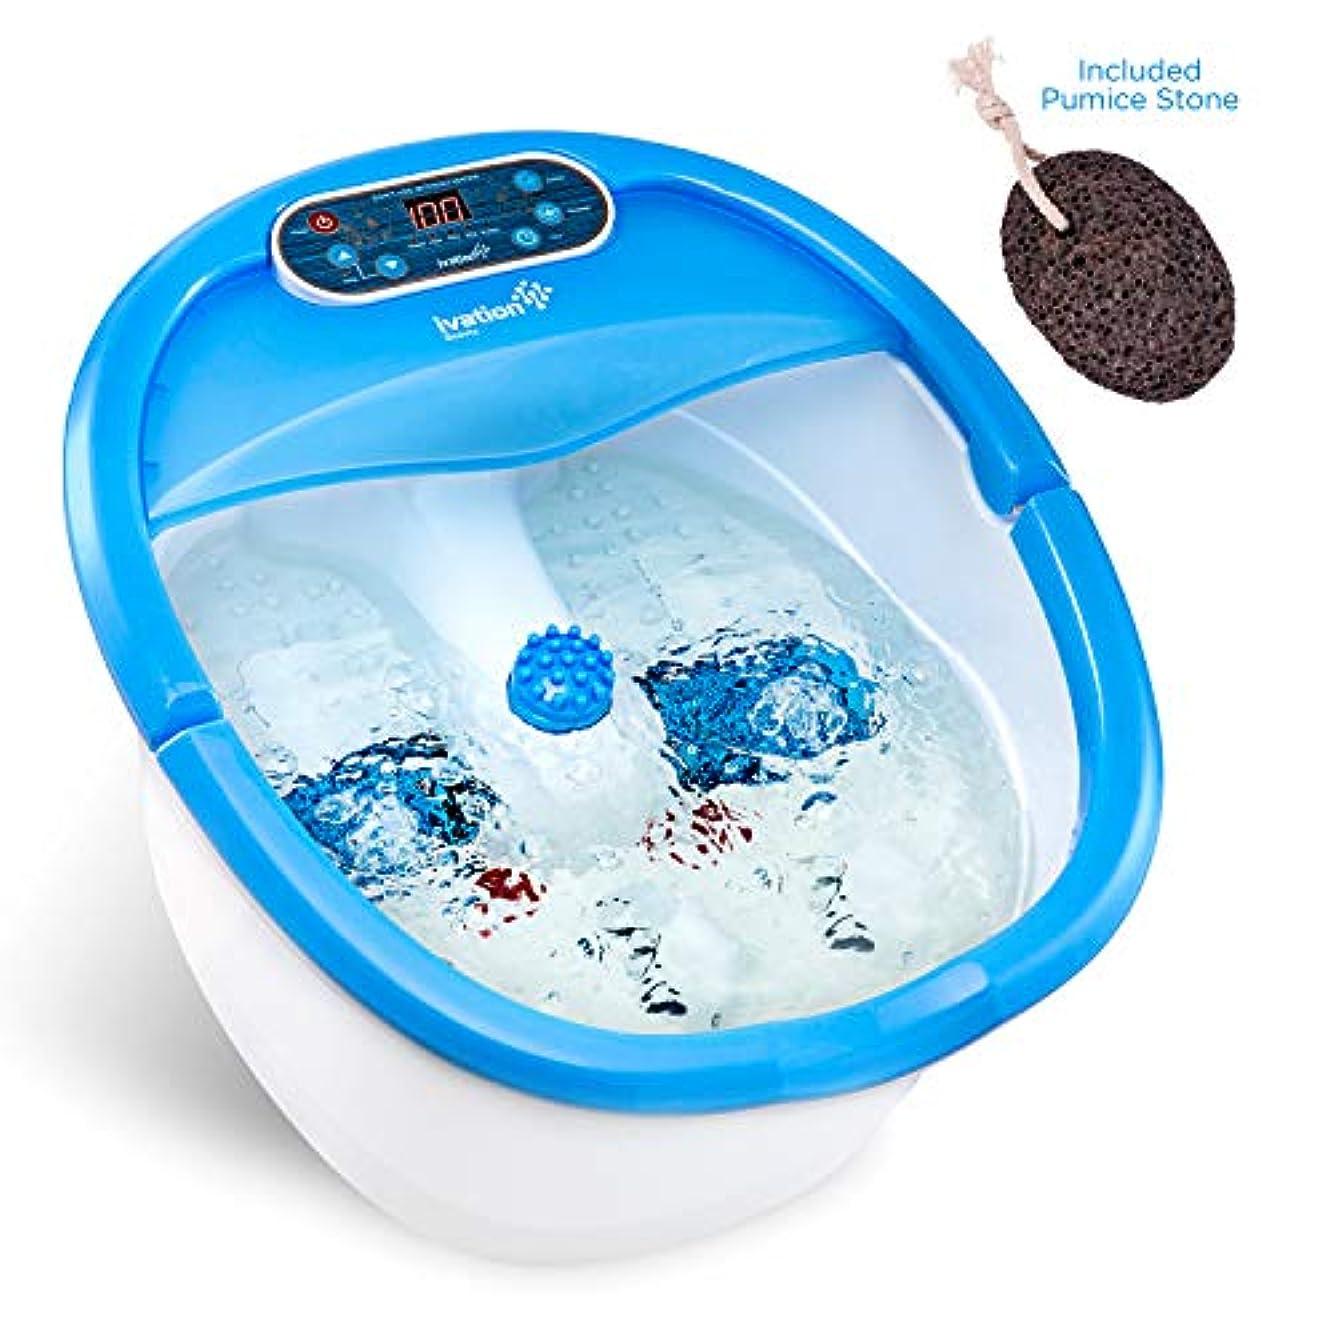 ブラケットずんぐりしたルームフォットスパ マッサージャー Ivation Foot Spa Massager - Heated Bath, Automatic Massage Rollers, Vibration, Bubbles, Digital...